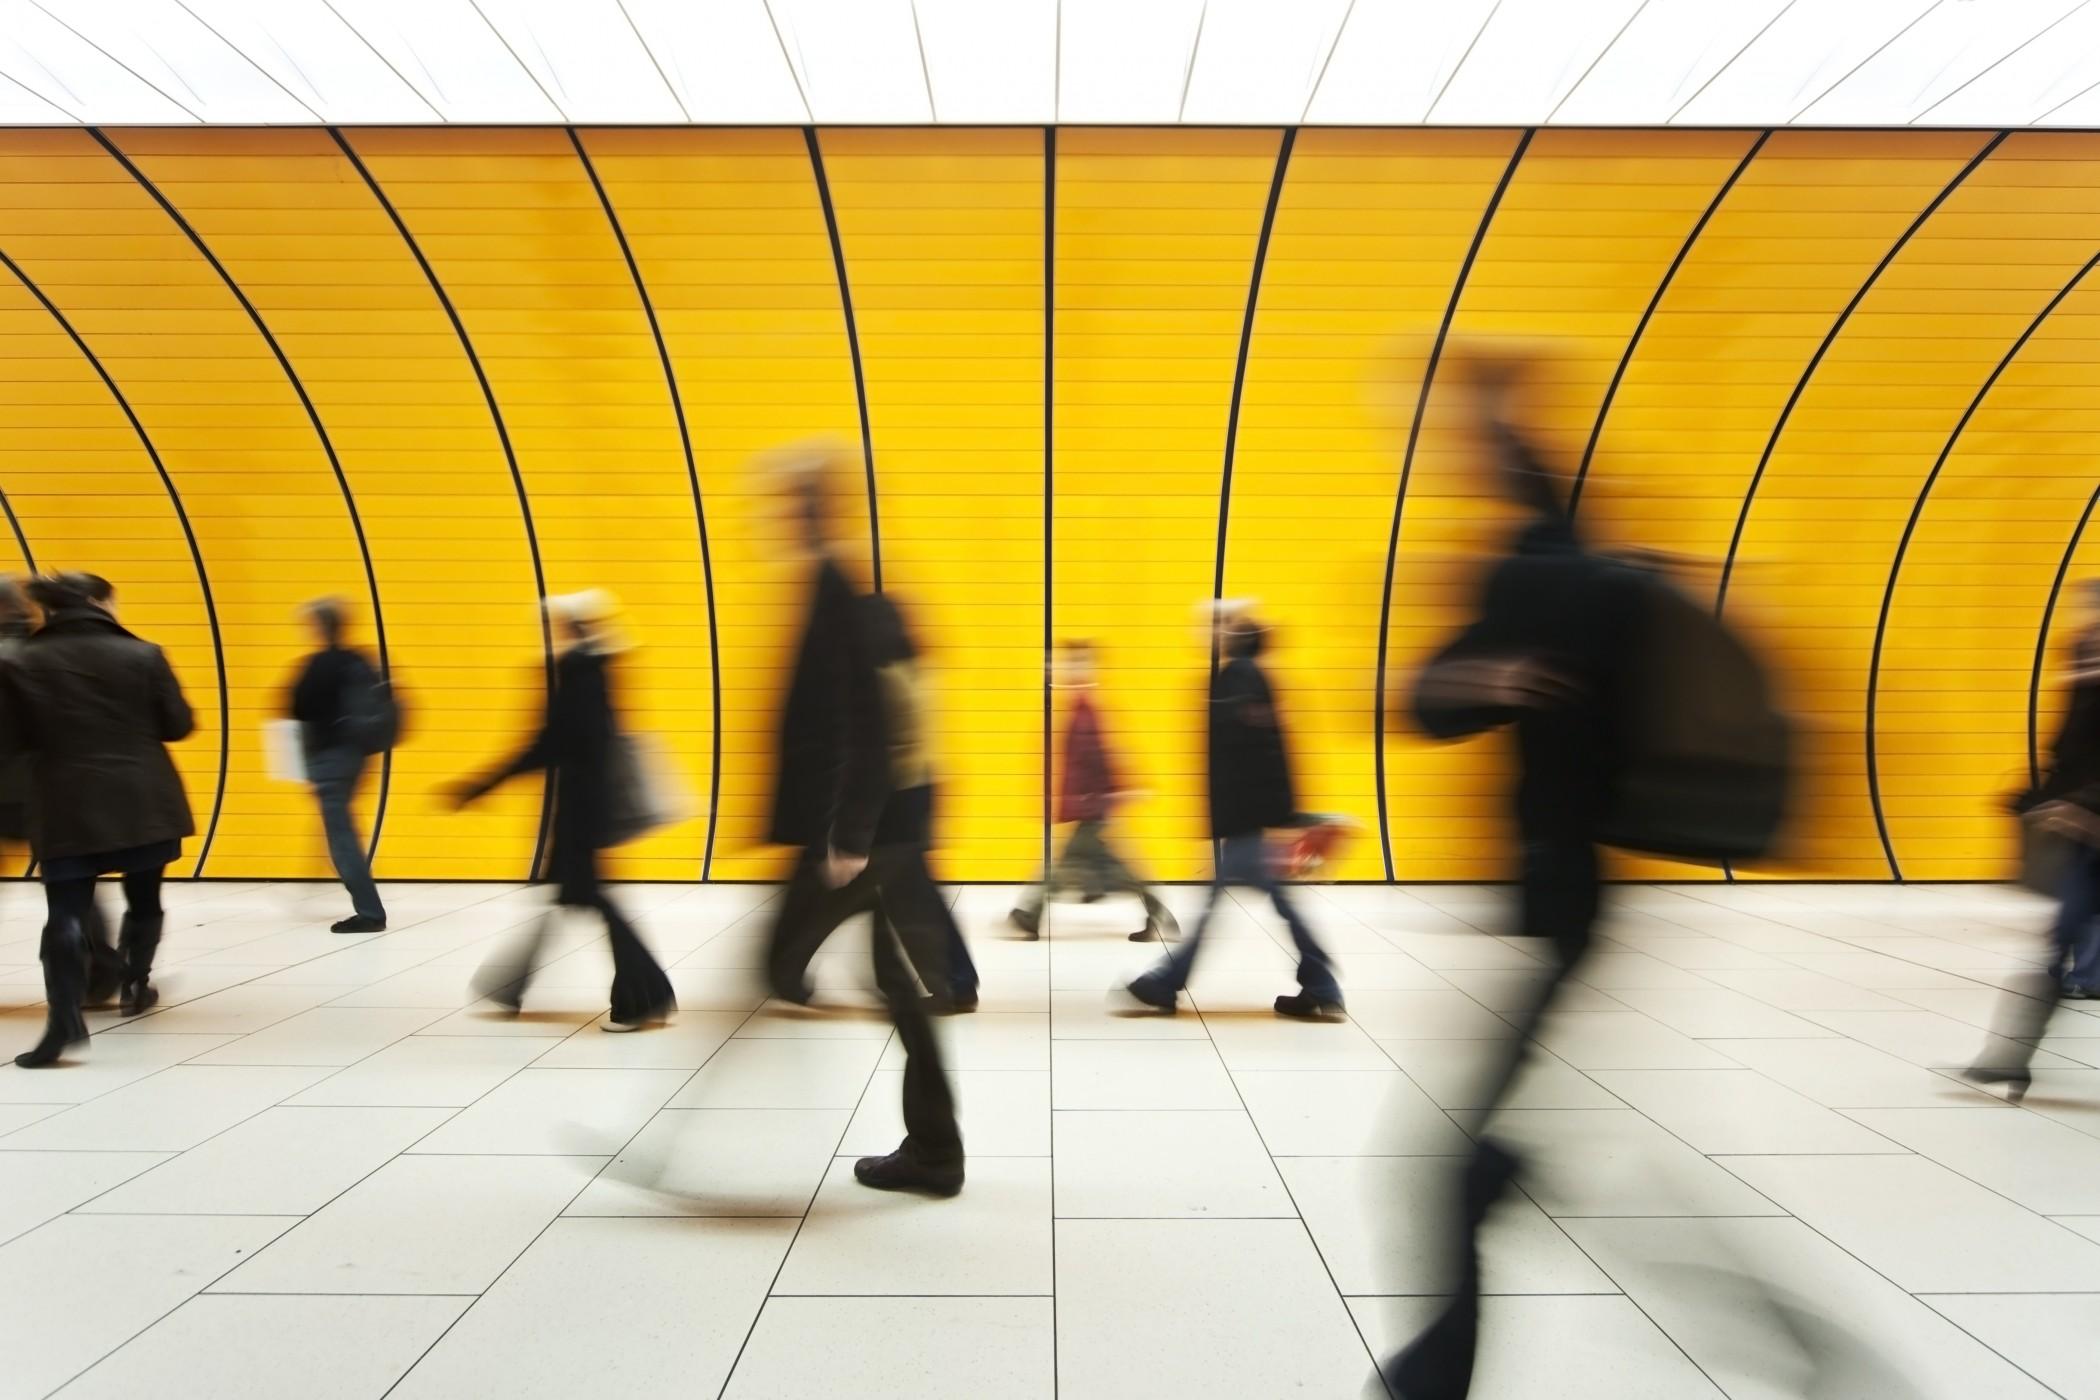 blurred and defocused people walking